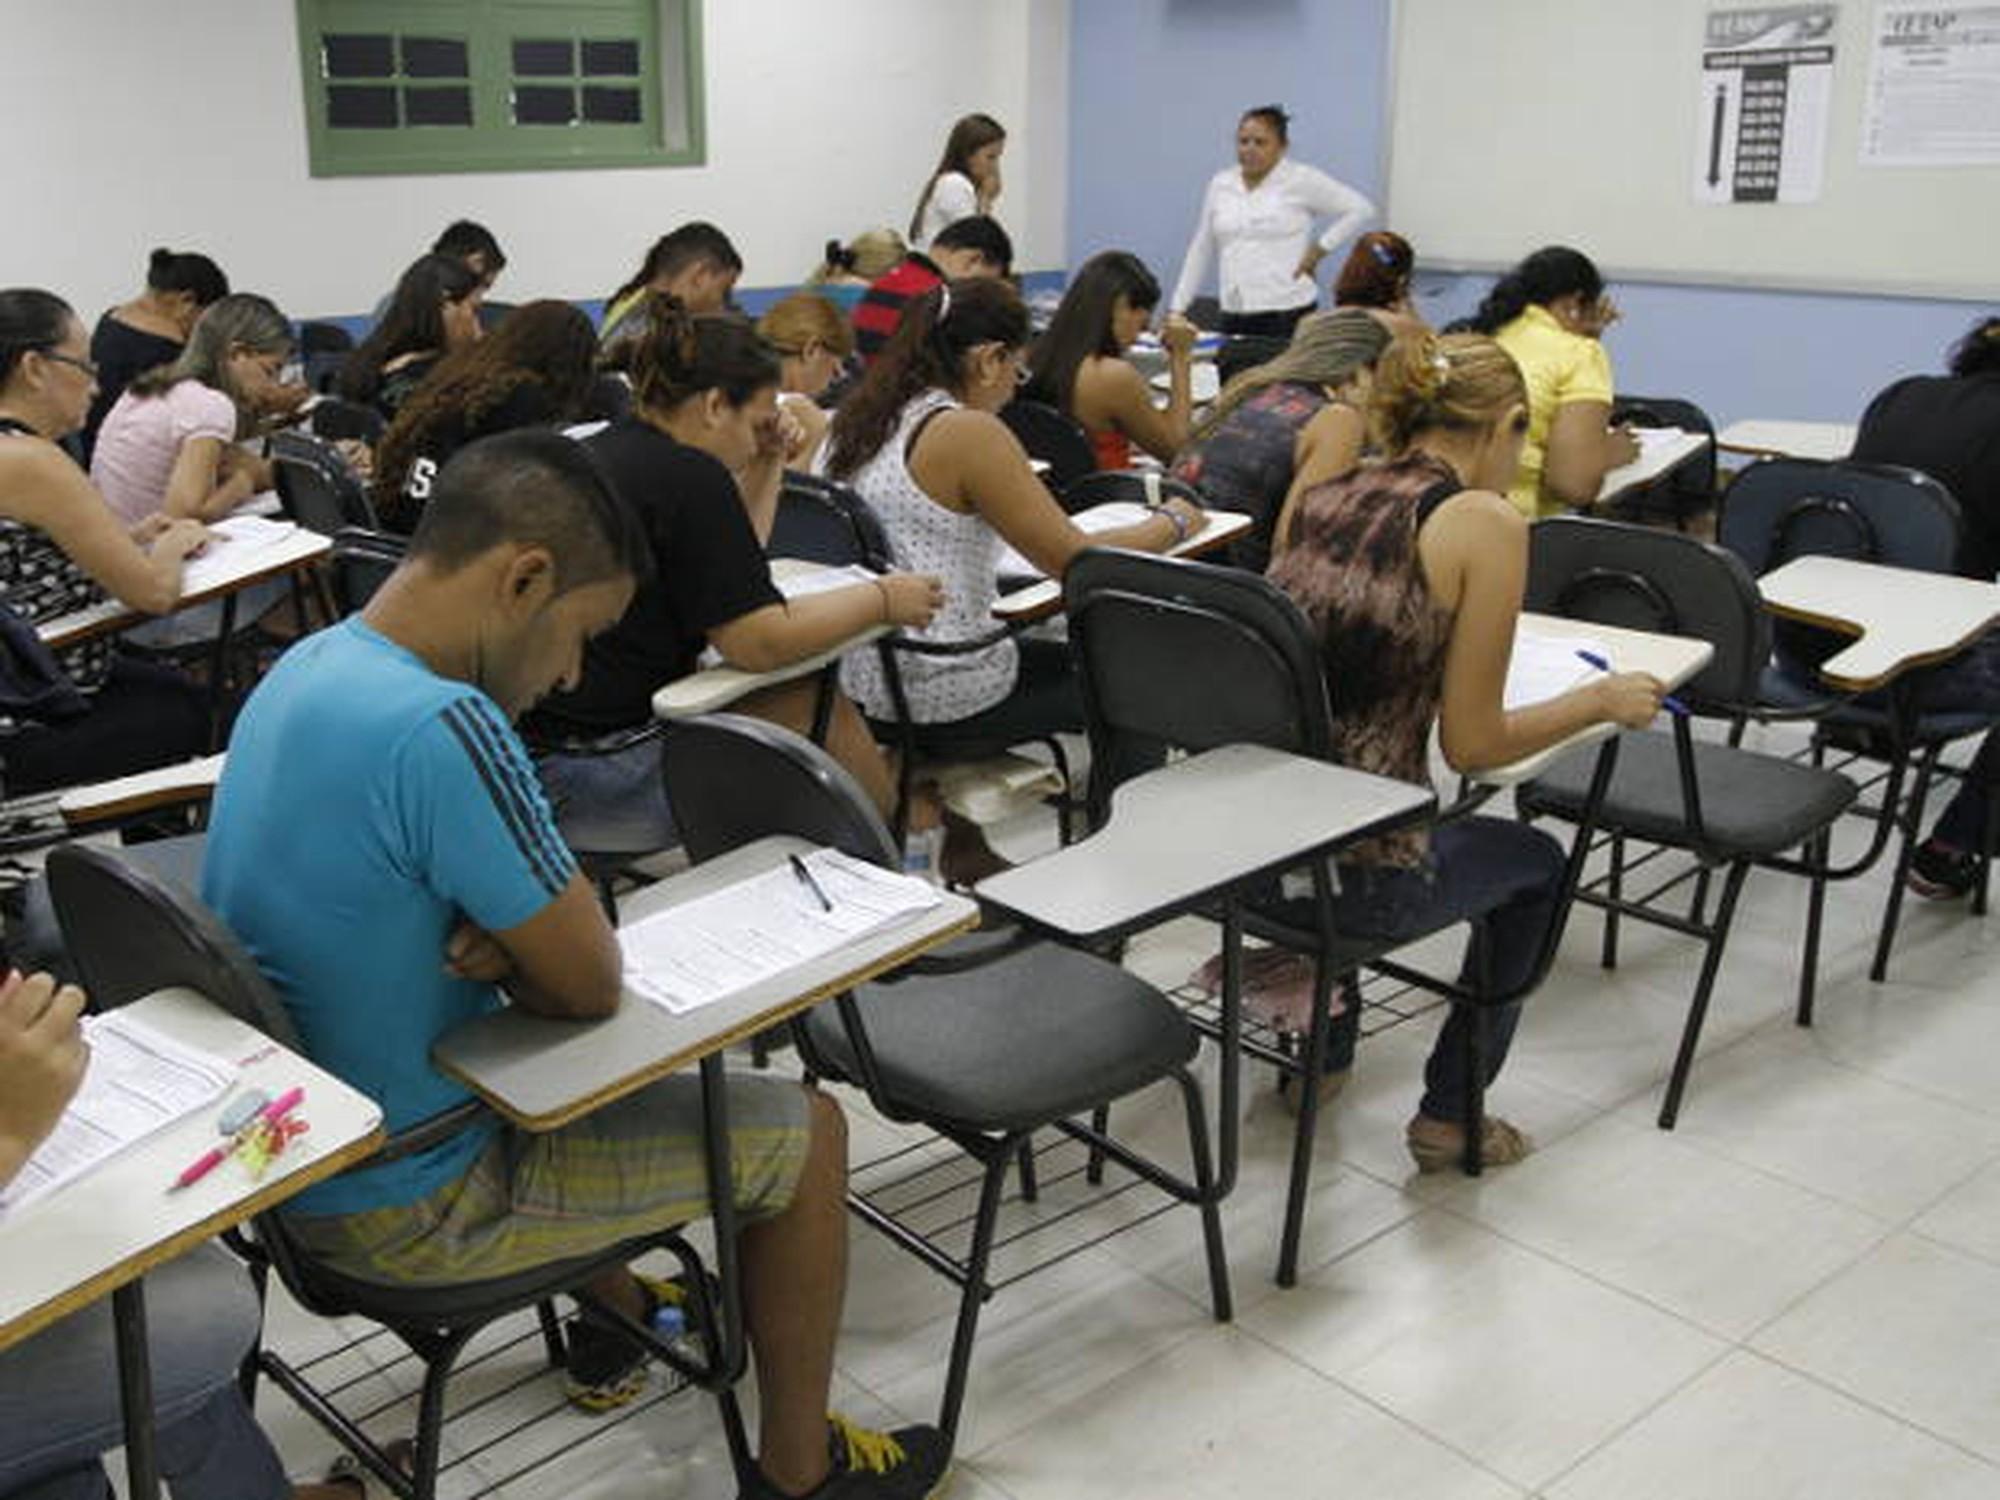 Prefeitura prorroga inscrições para concurso da Guarda Municipal de Bonfim, RR - Notícias - Plantão Diário